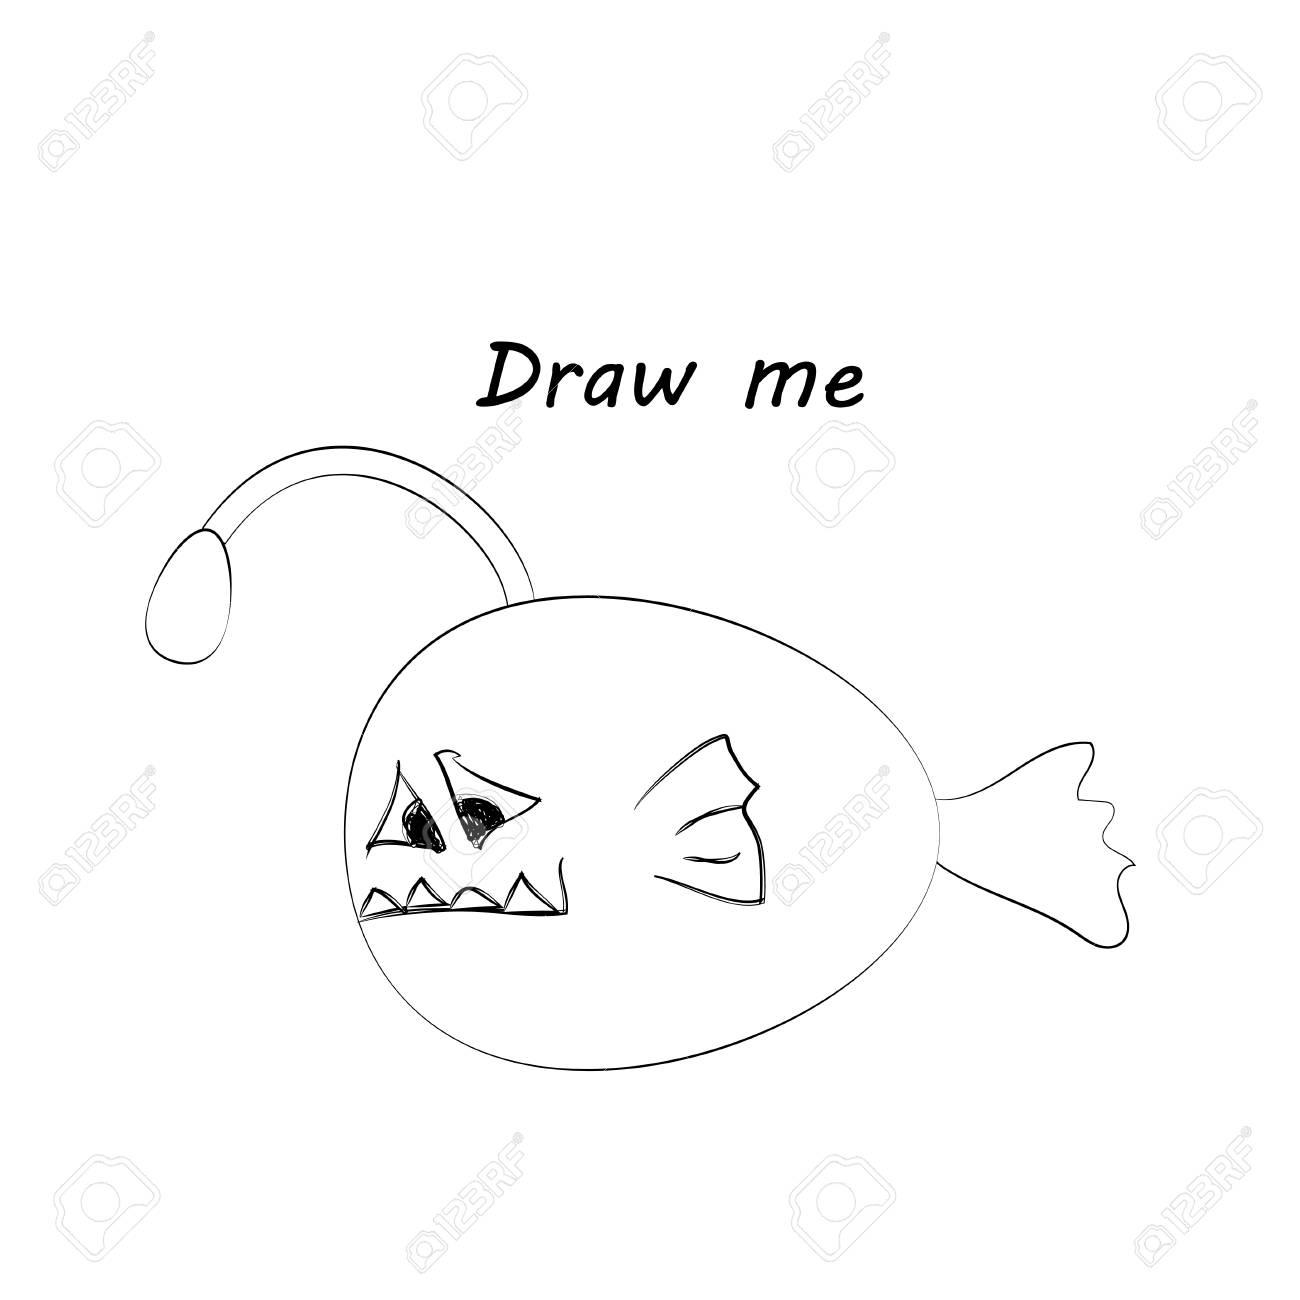 Zeichnen Sie Mich Vektor Illustration Von Meerestieren Die Angler Fisch Farbung Spiel Fur Kinder Lizenzfrei Nutzbare Vektorgrafiken Clip Arts Illustrationen Image 76877951